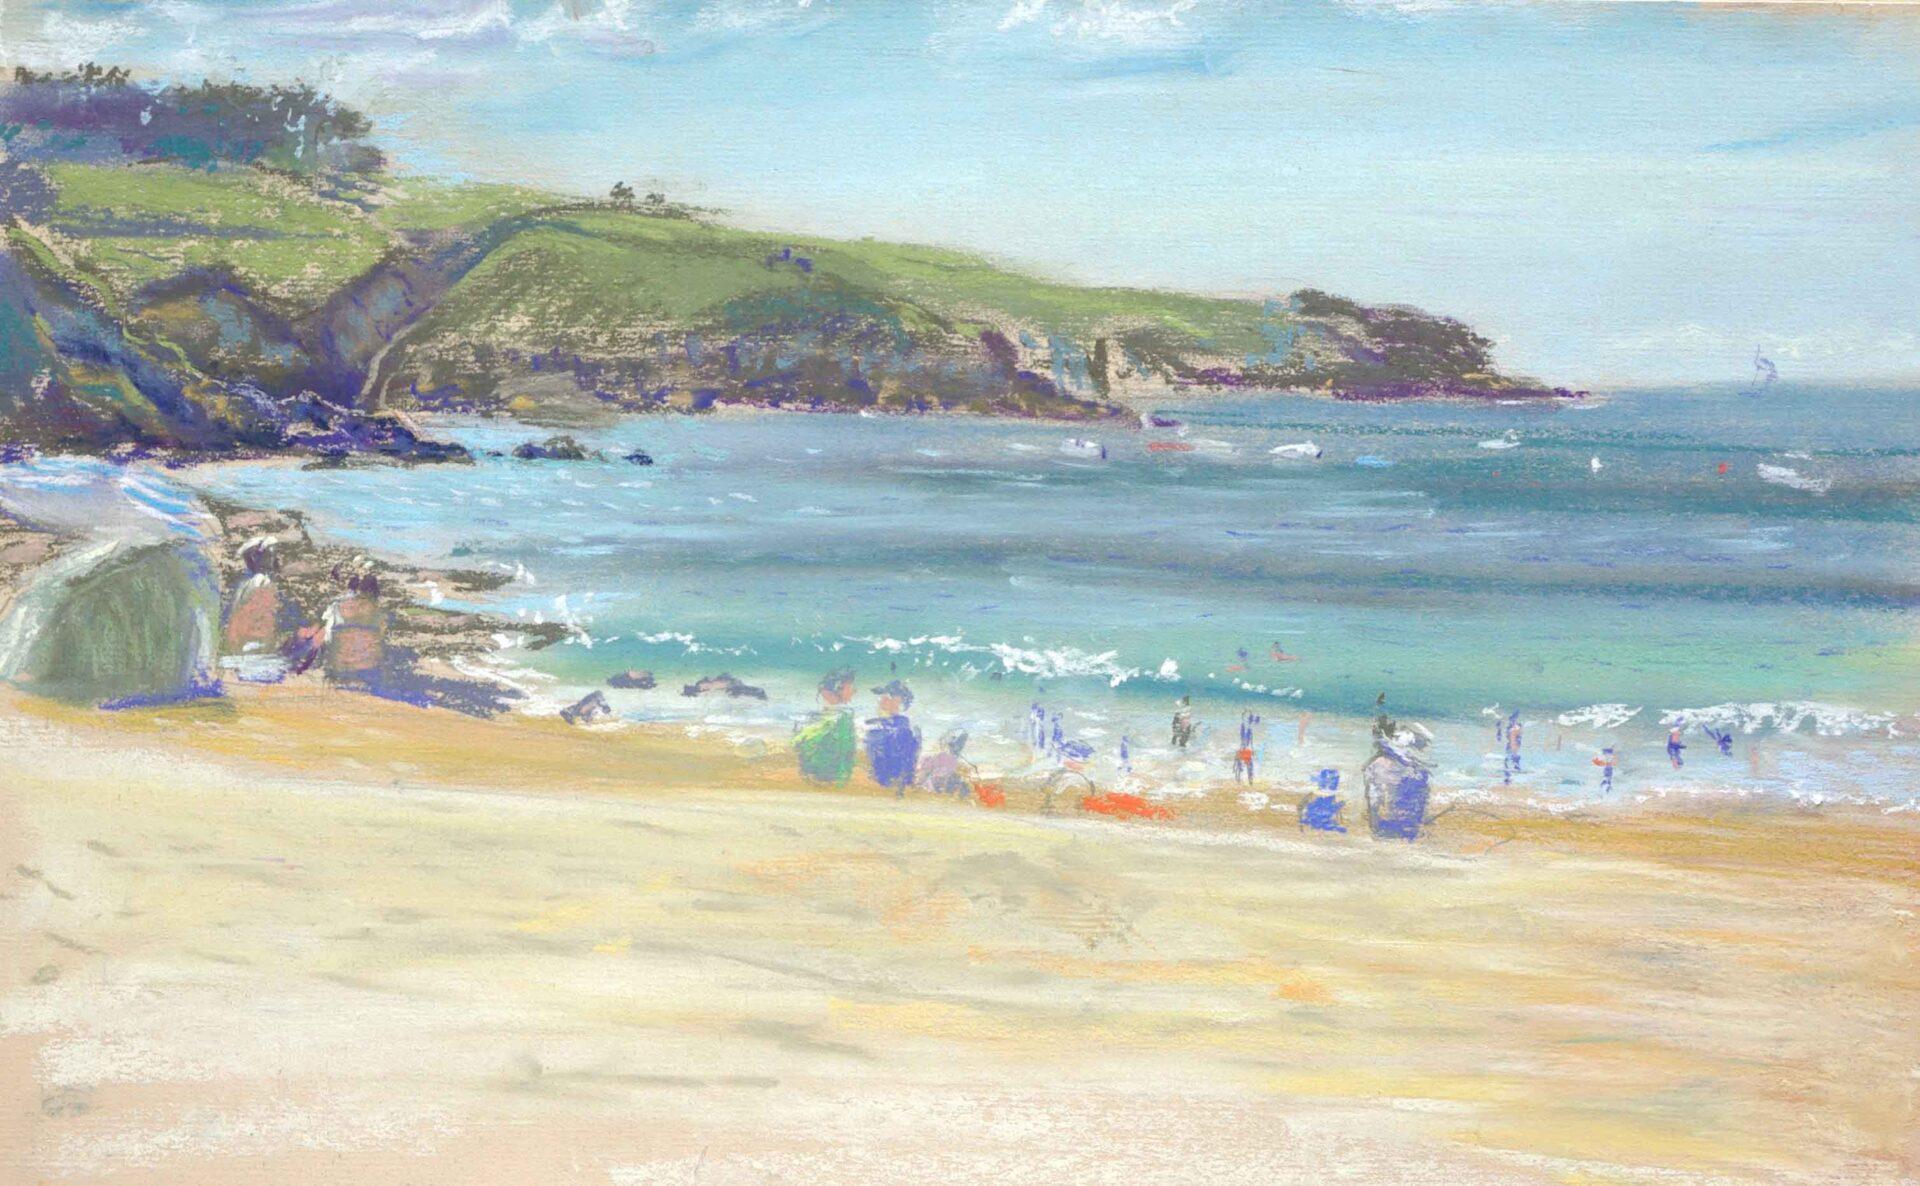 Schilderij van strand Bretagne met badgasten,zwemmers zonnig.strandgezicht realisme.